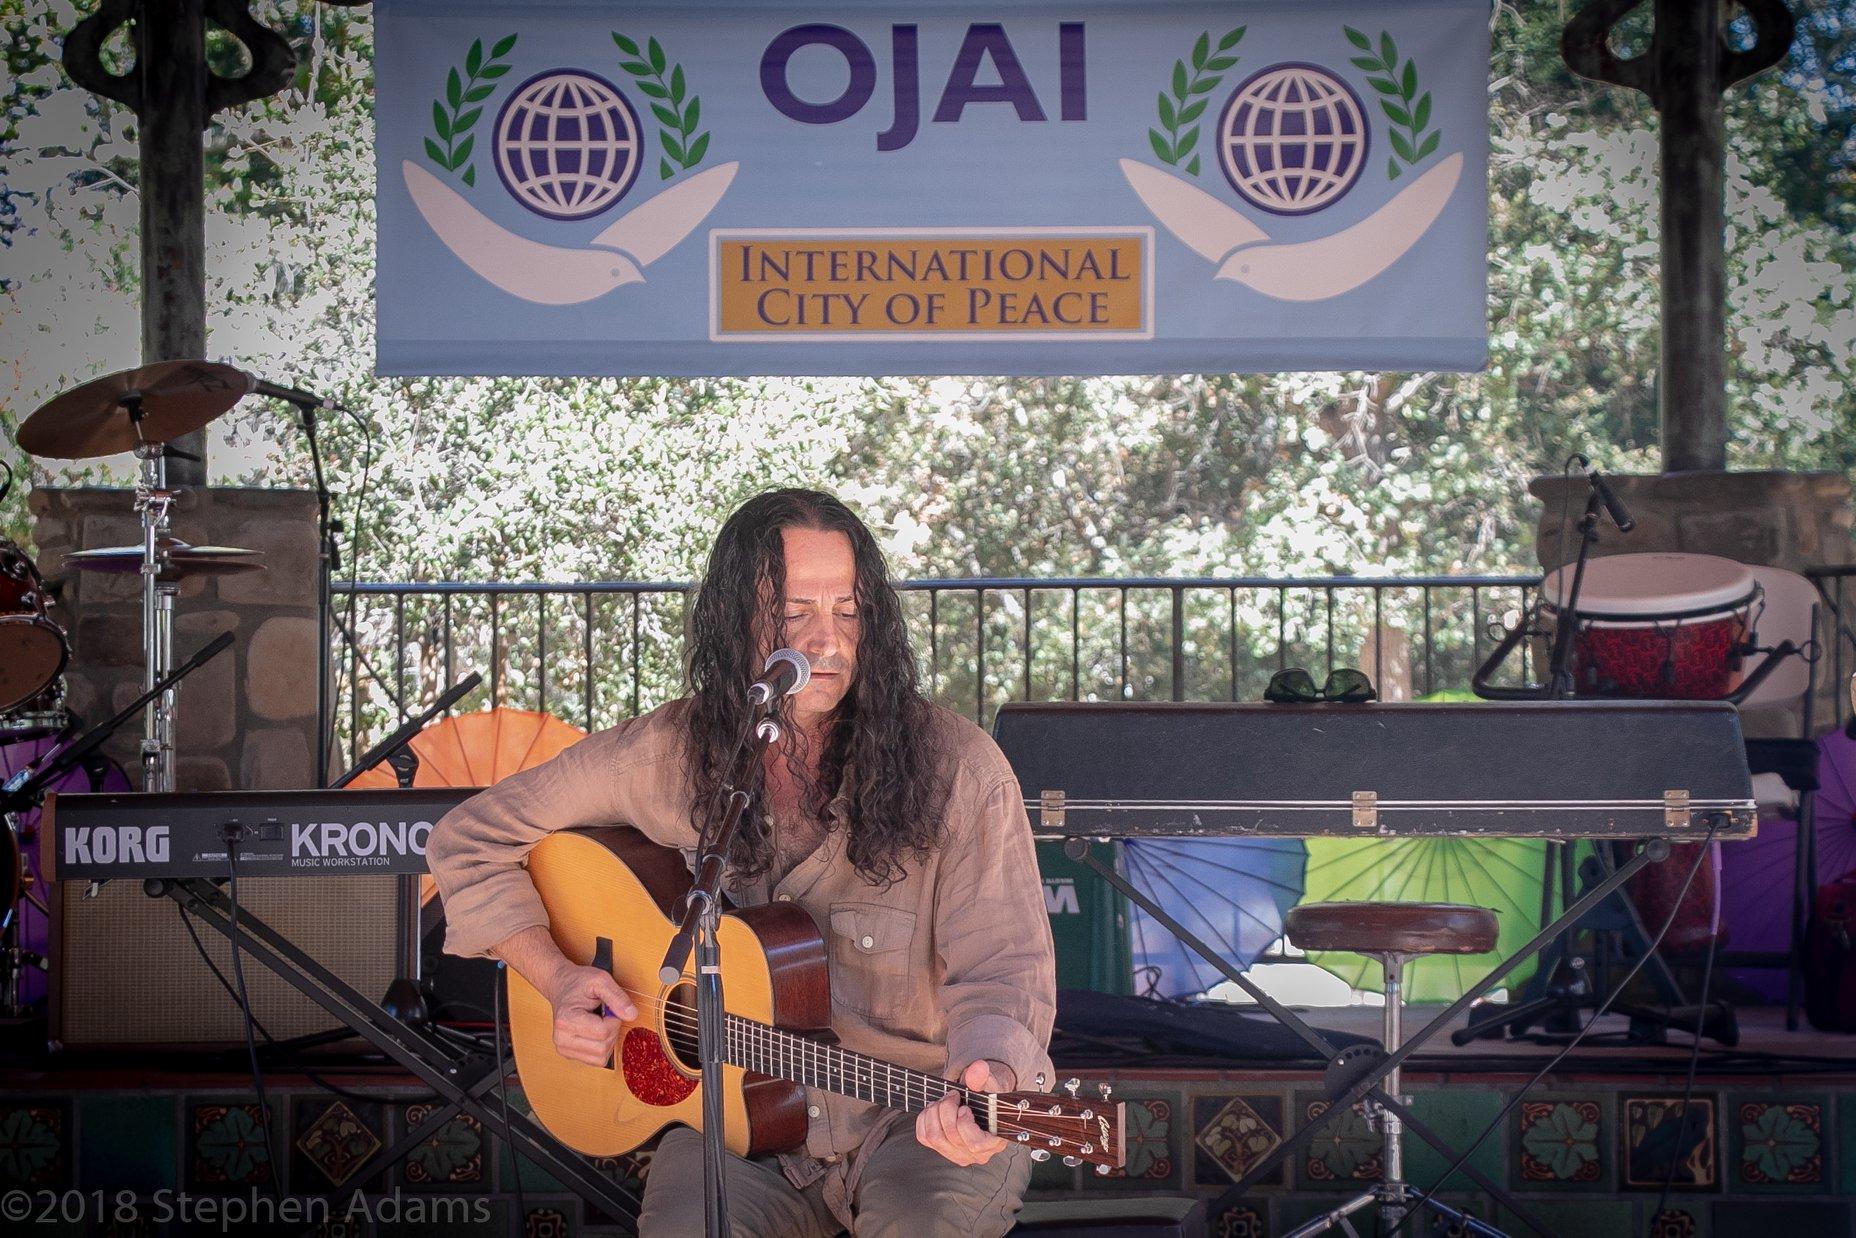 Ojai Peace Day